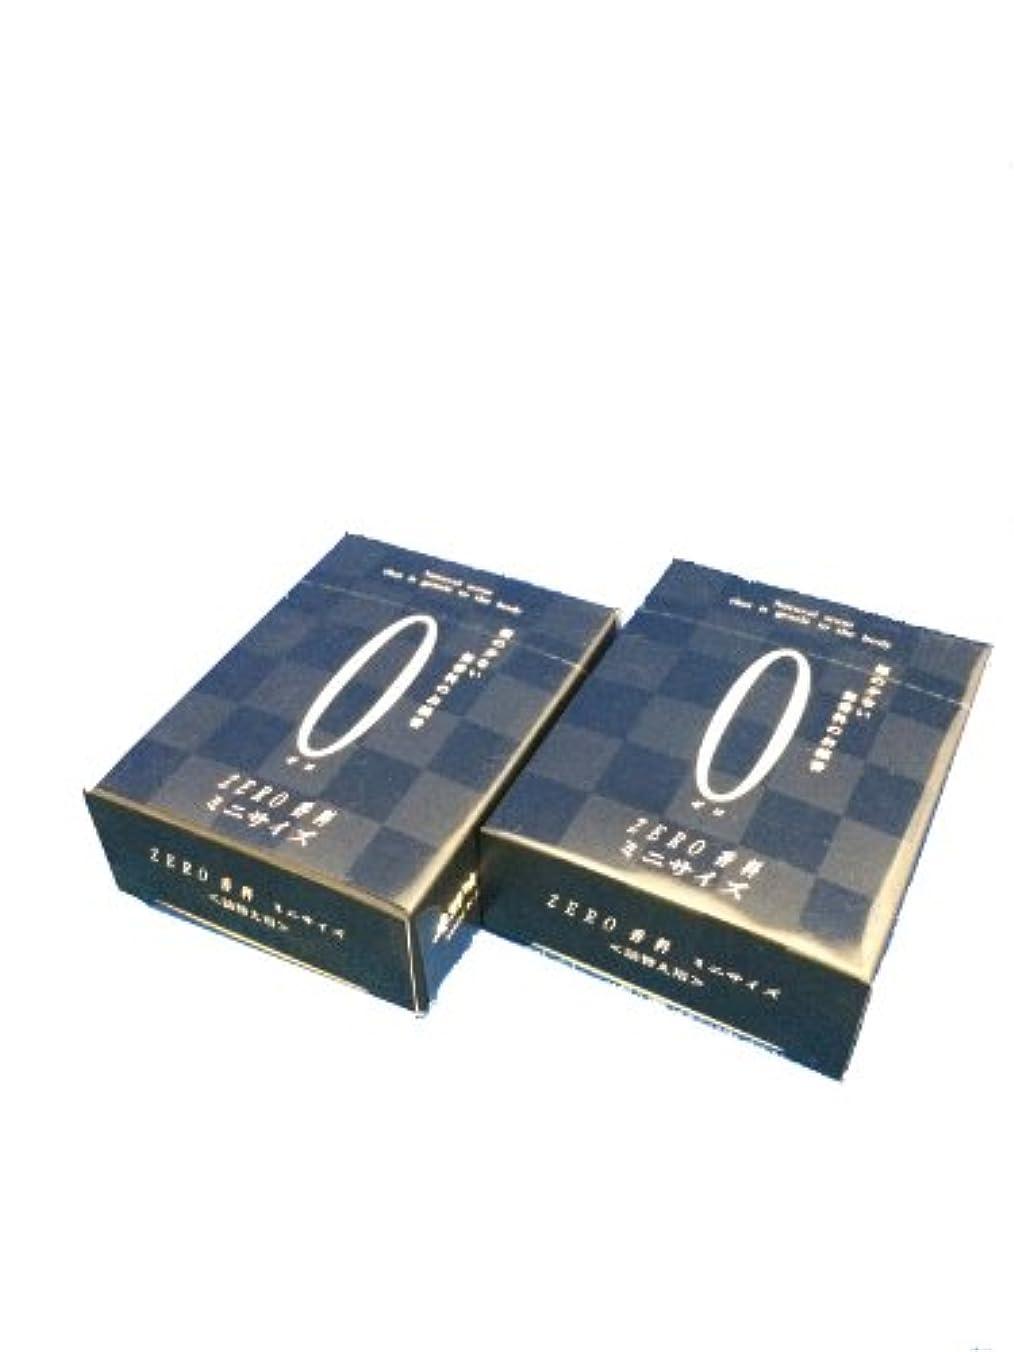 黙認する舞い上がるトレイルZERO ゼロ香料 詰め替え用 2個セット ミニ寸 サイズ 約60g